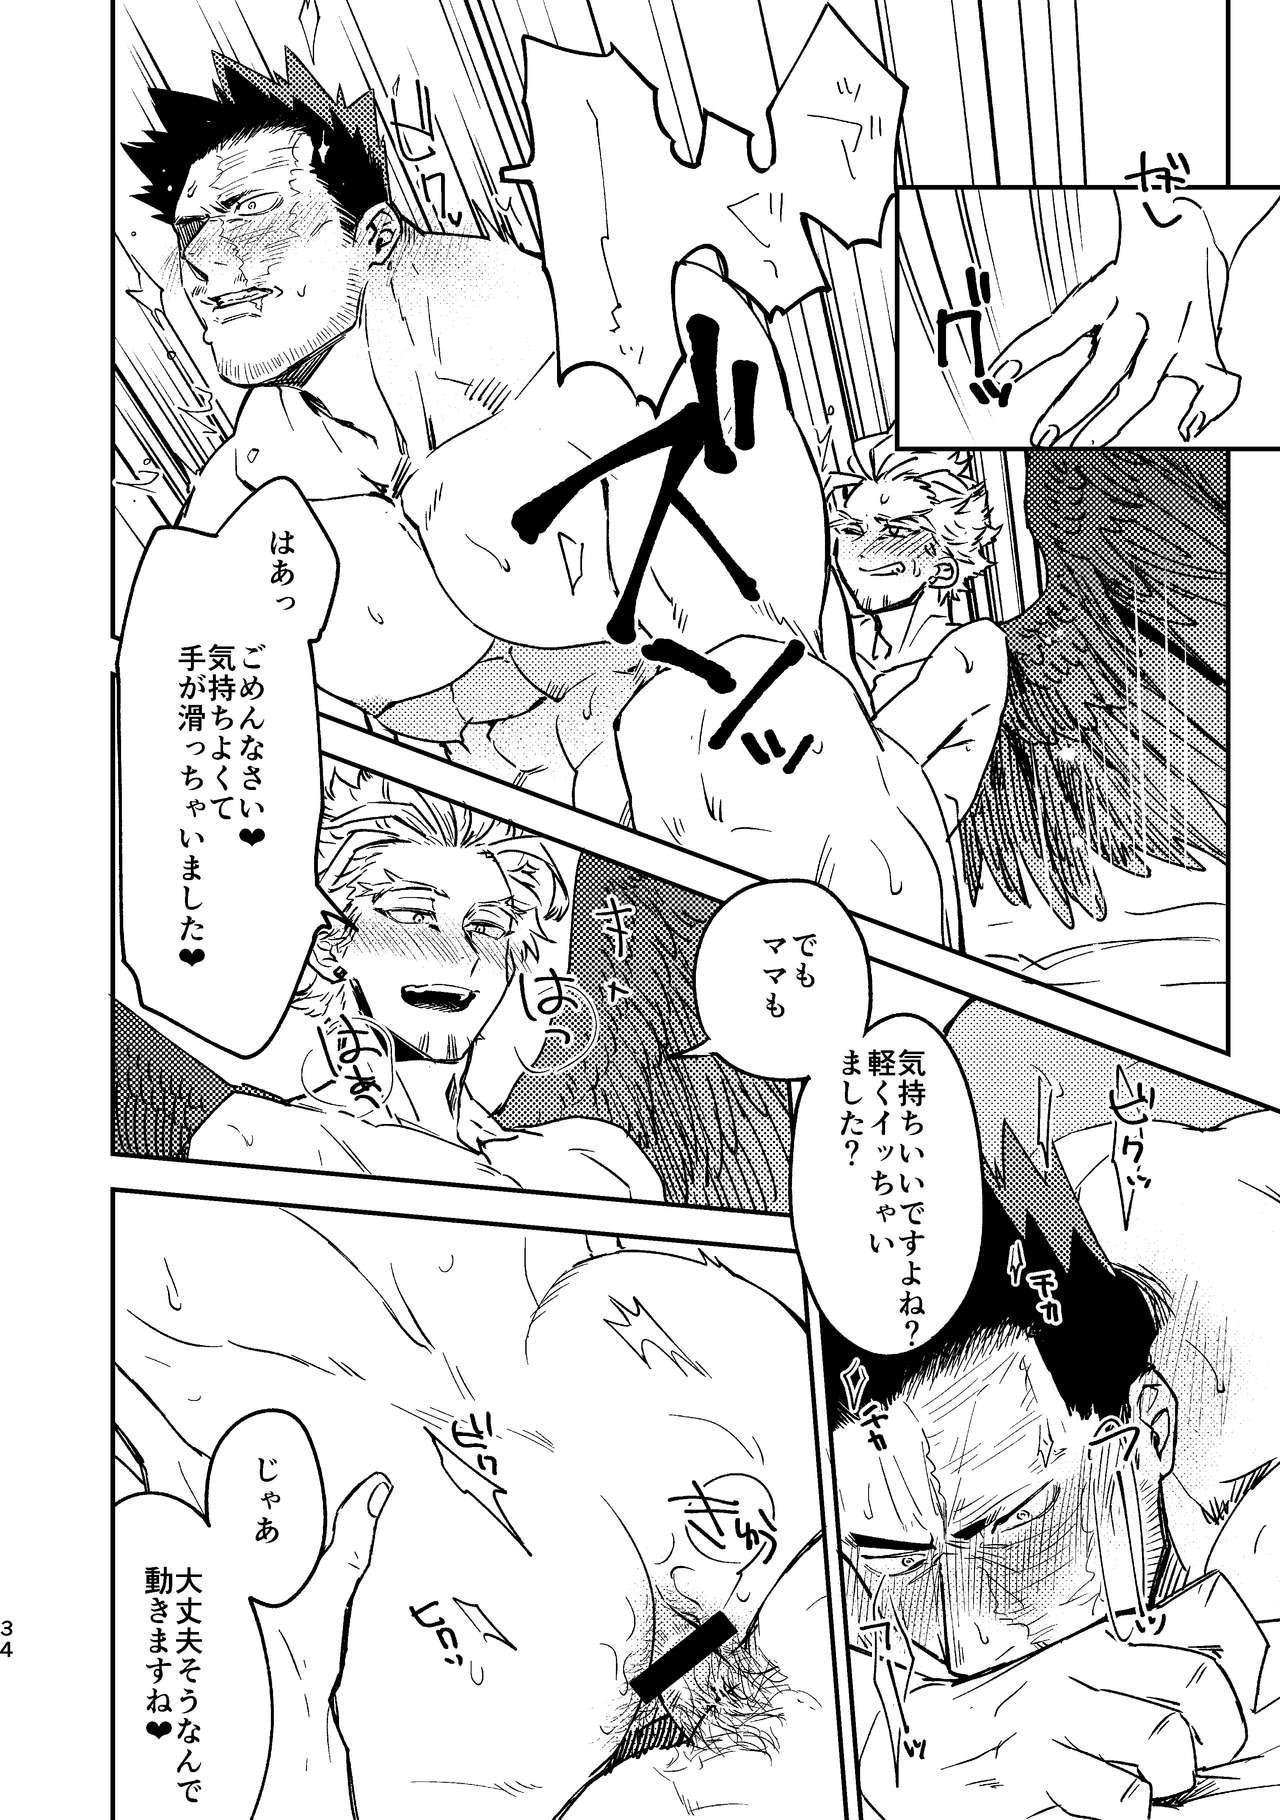 WEB Sairoku Zumi HawEn Manga ga Kami demo Yomeru Hon. 33